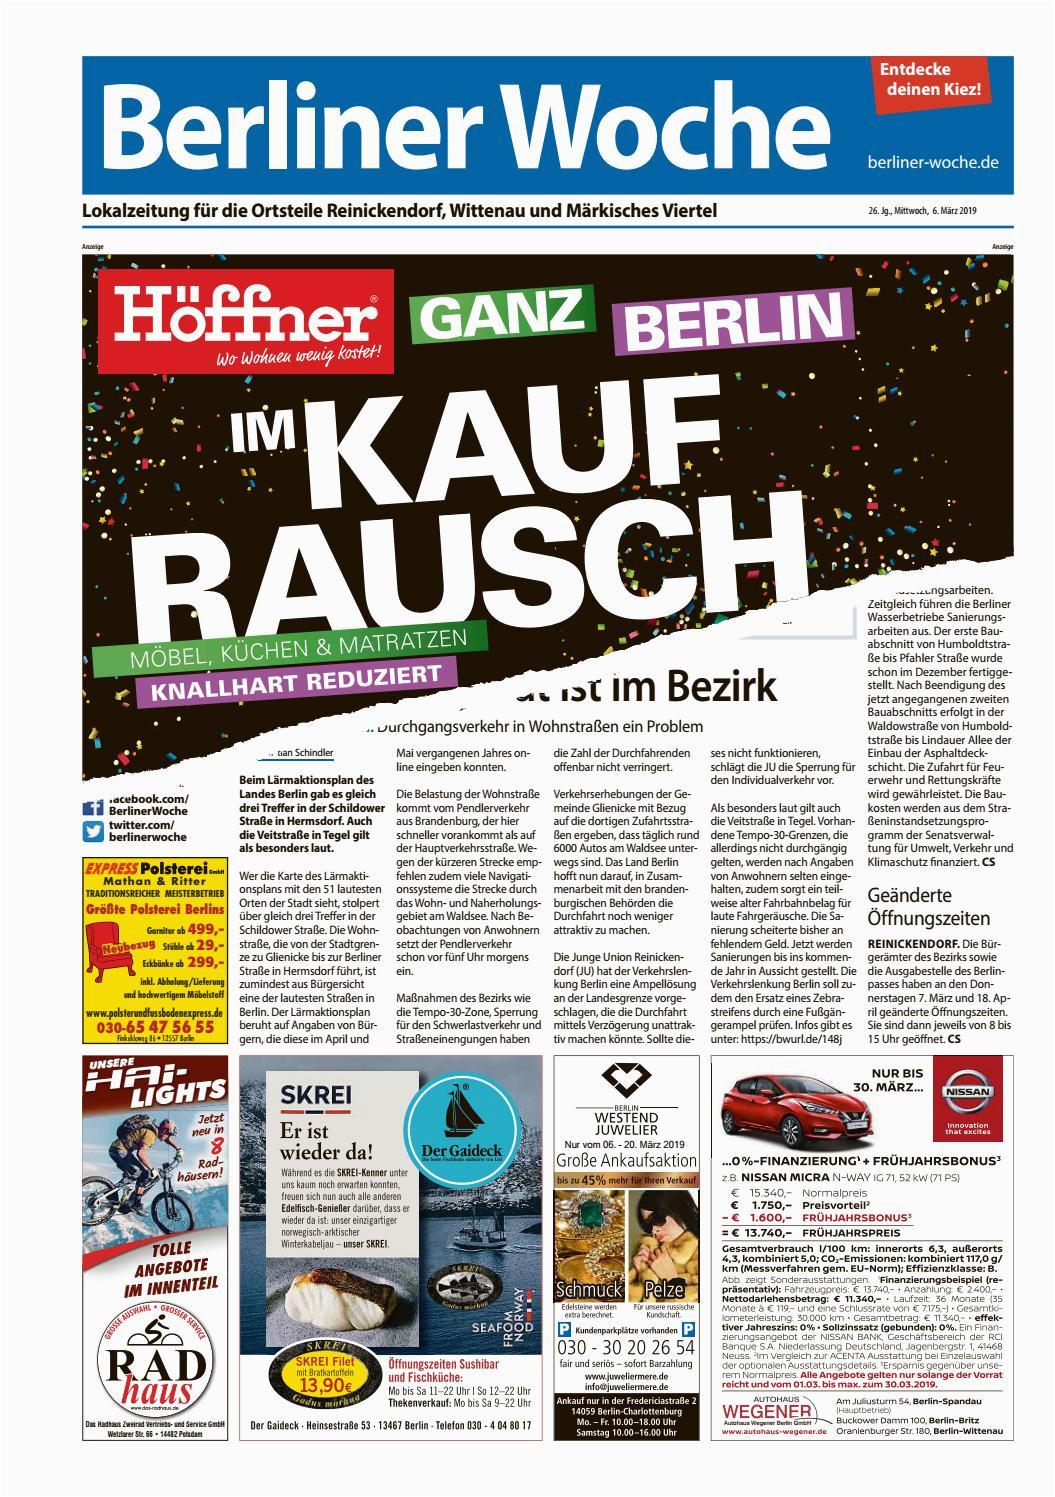 Fettigen Küchenboden Reinigen L30 Reinickendorf Wittenau Märkisches Viertel by Berliner